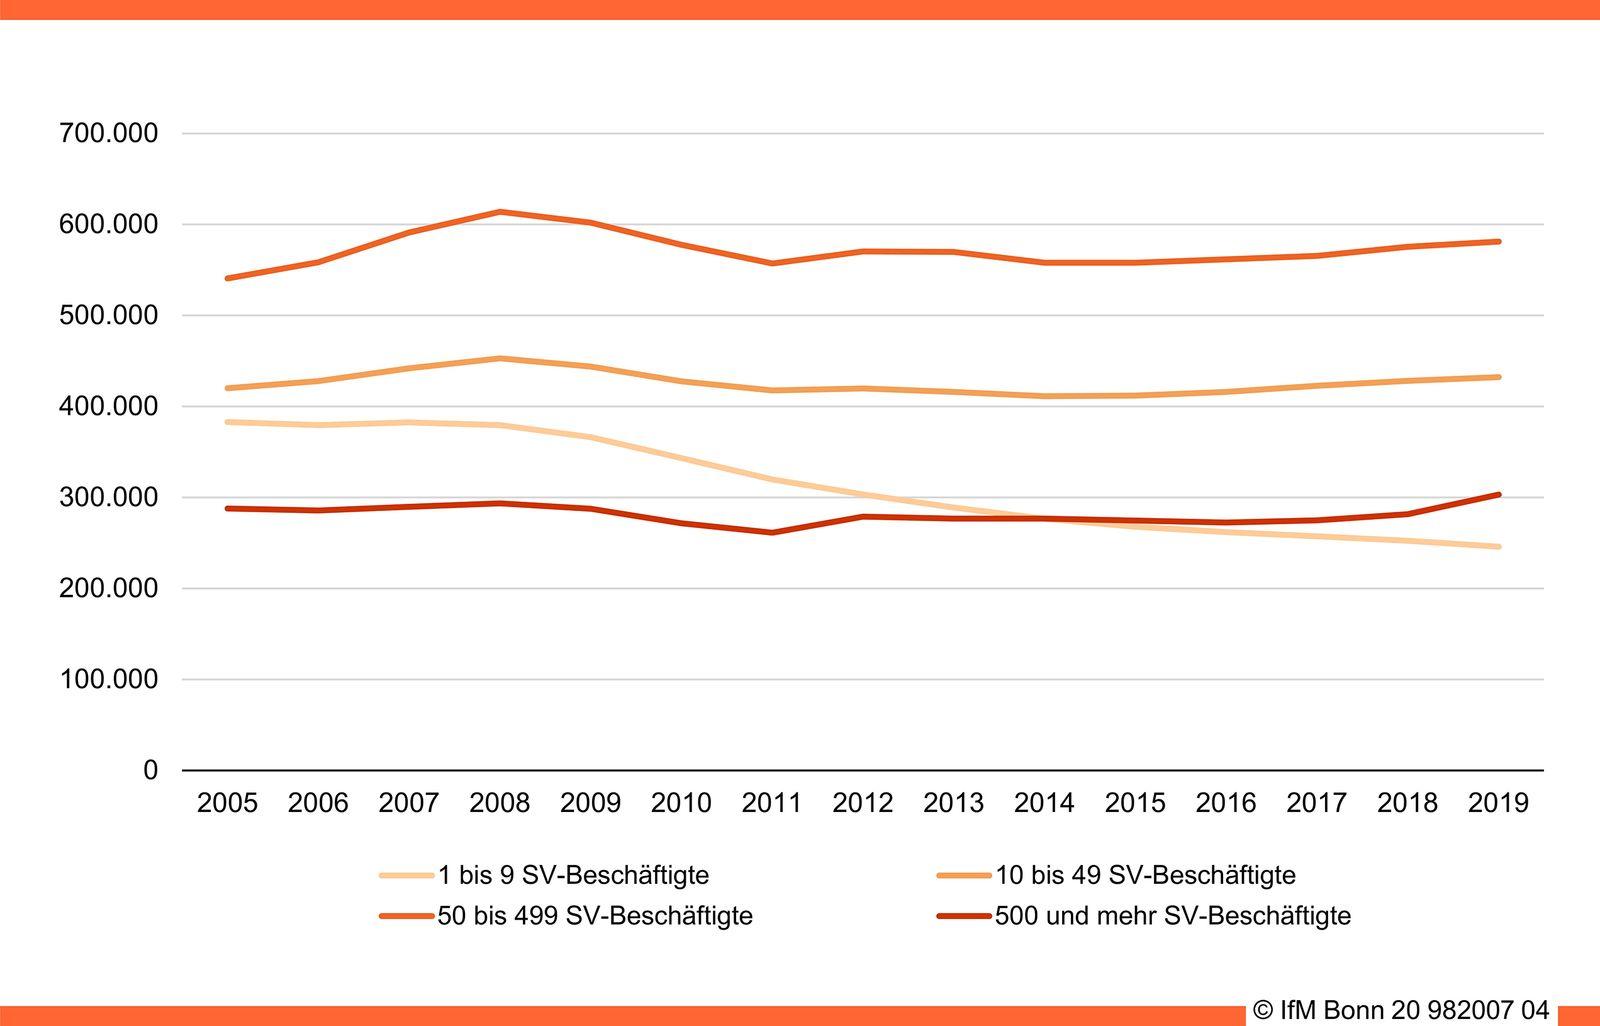 Auszubildende in den einzelnen Betriebsgrößenklassen (2005 bis 2019))